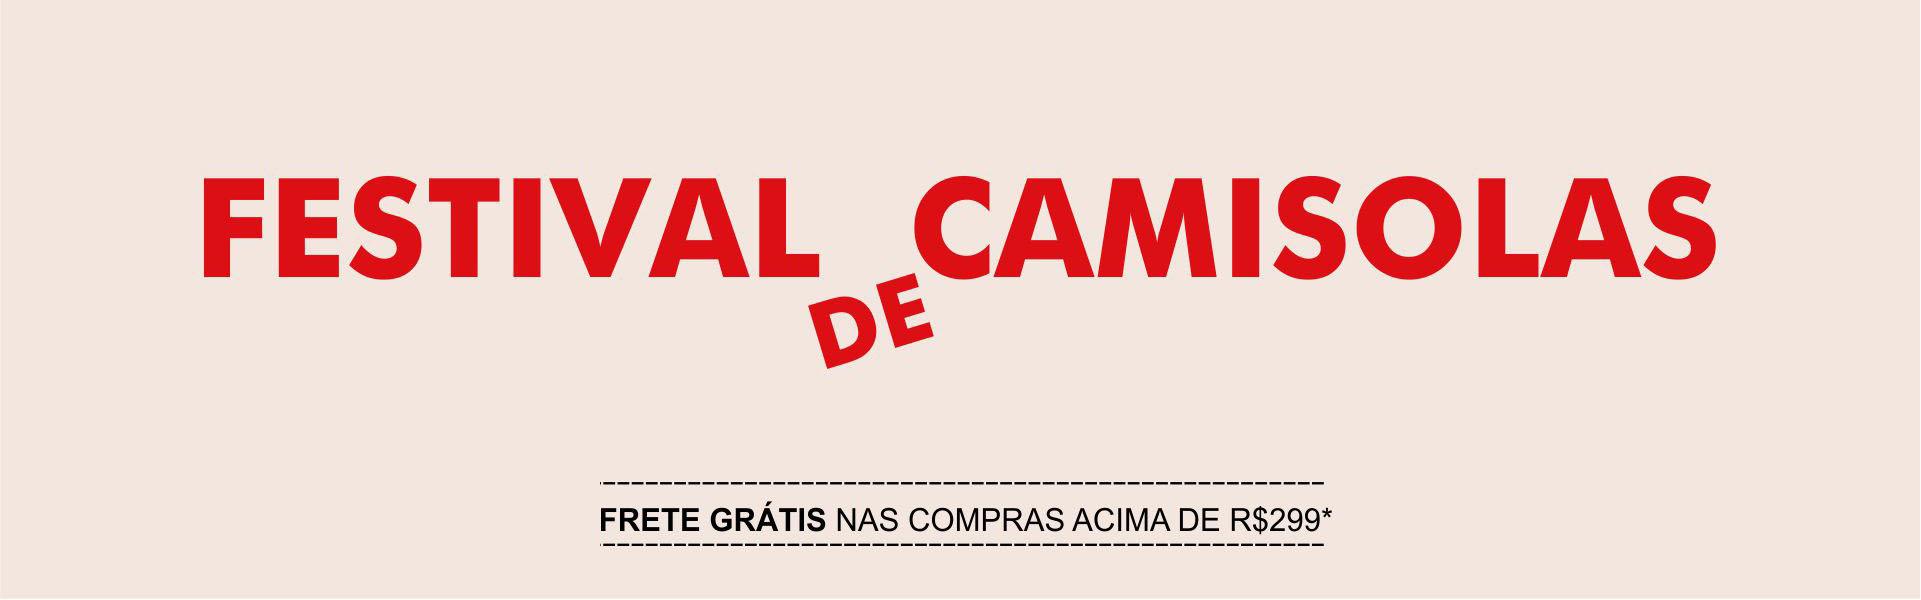 Banner Principal Festival de Camisolas